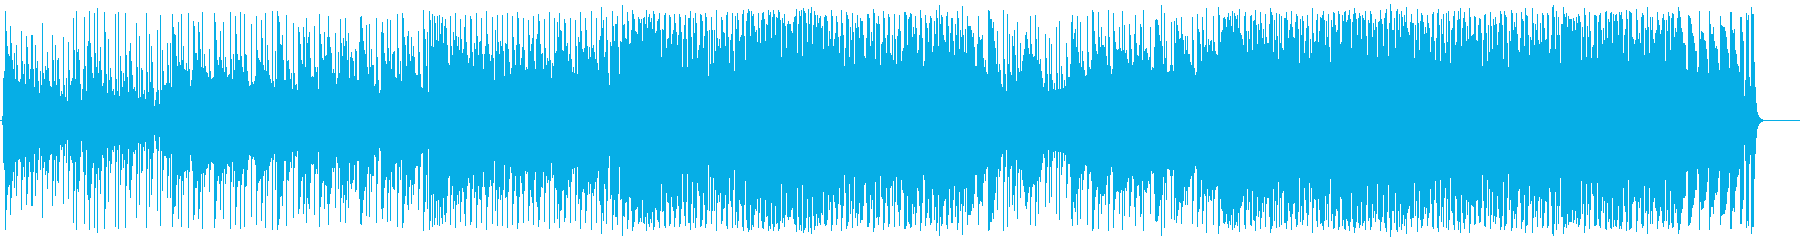 ライブ感。の再生済みの波形